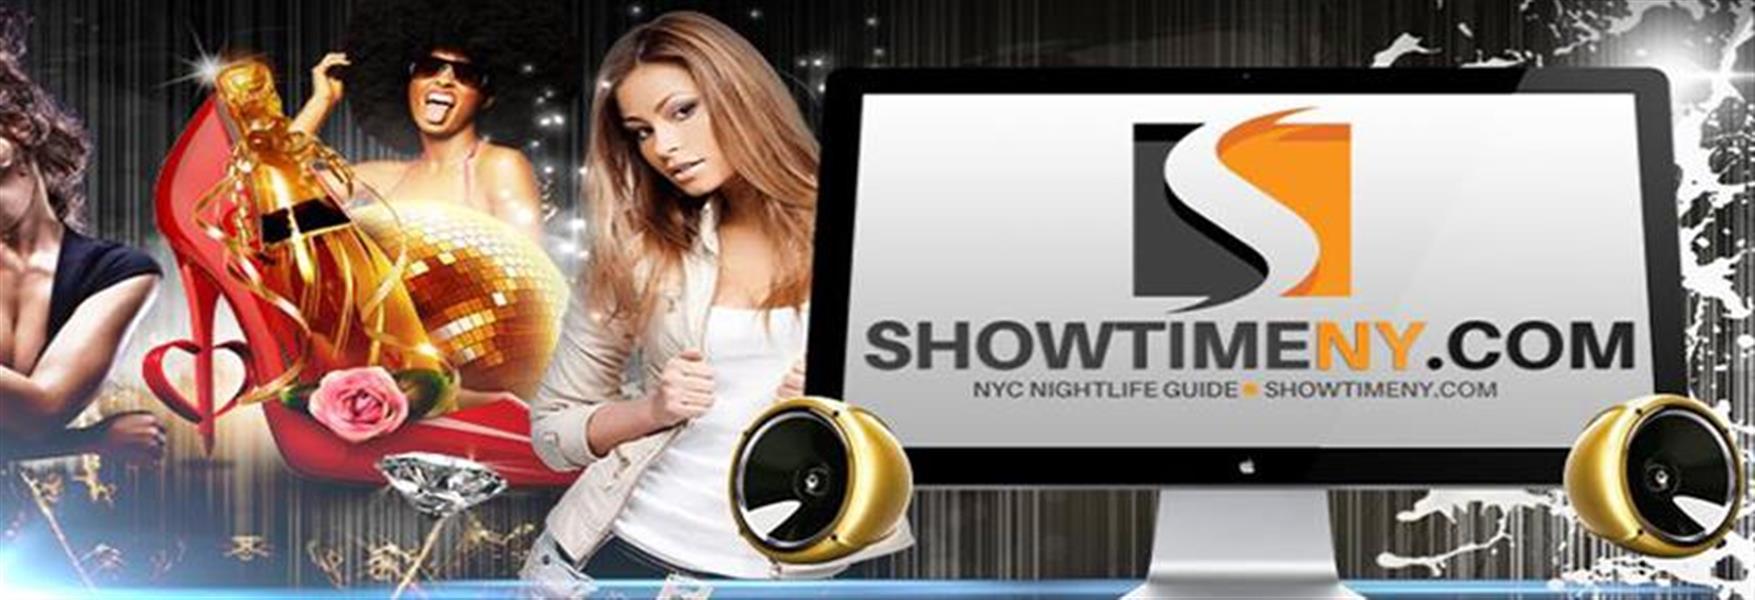 22bba191-e7a1-4574-9100-a438fb6d58d3_showtime banner long.jpg